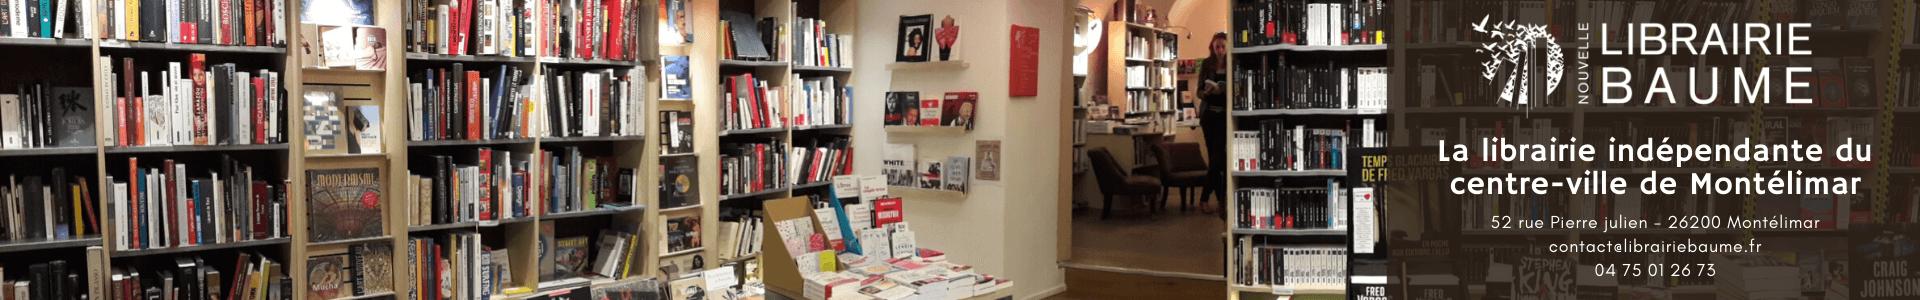 Nouvelle Librairie Baume